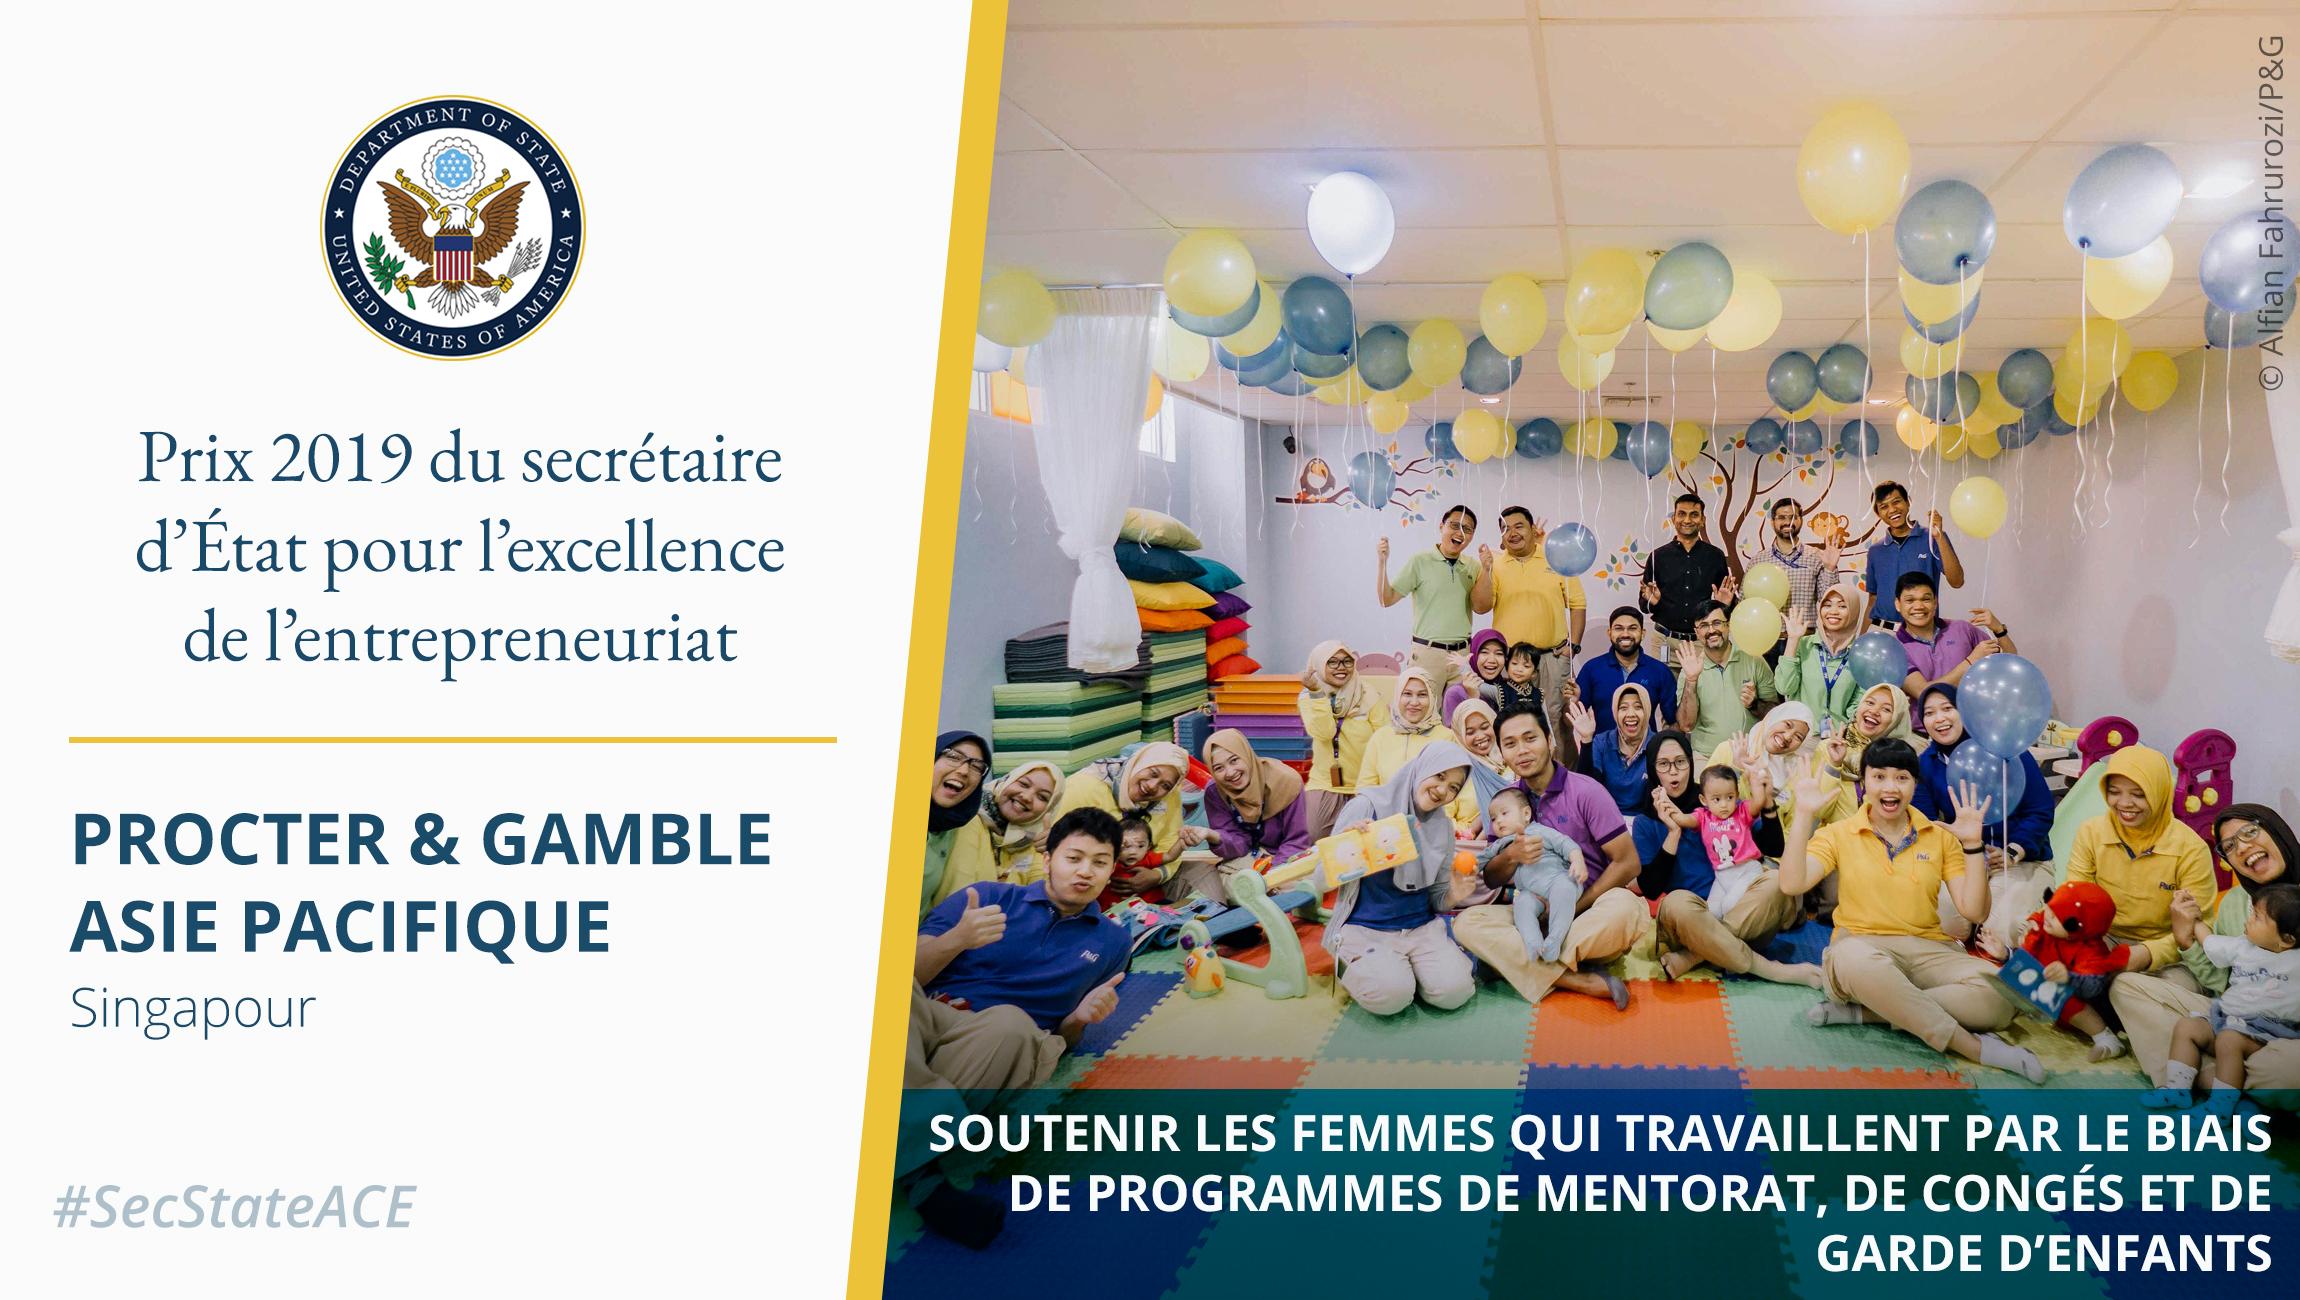 Photo d'hommes, de femmes et de jeunes enfants dans une pièce, des ballons flottant au plafond et une citation sur le prix d'excellence de l'entrepreneuriat (Département d'État/Photo © Alfian Fahrurozi/P&G)